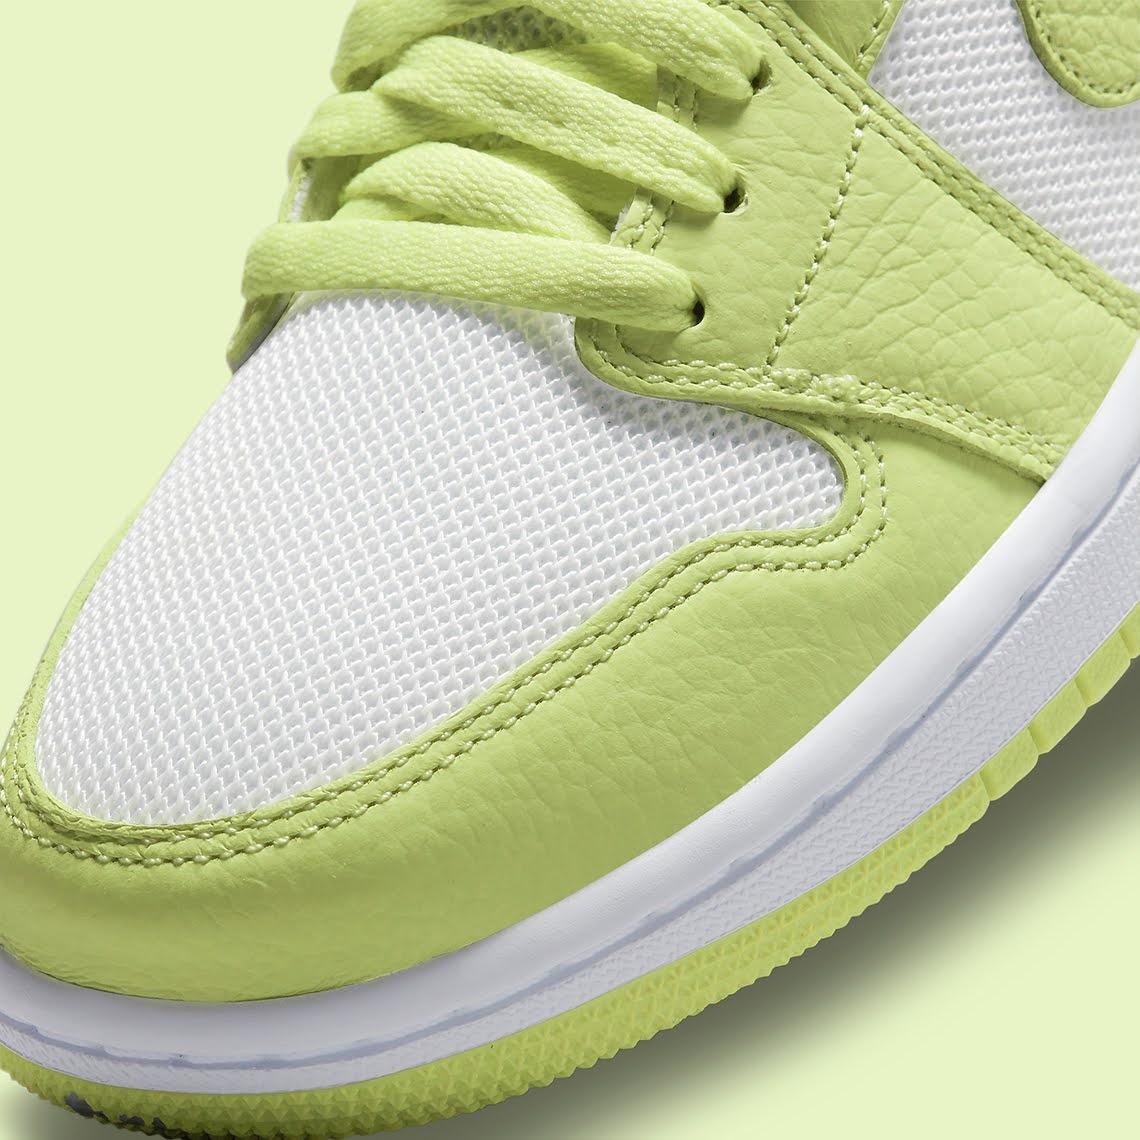 """ナイキ エア ジョーダン 1 ロー """"ライムライト"""" Nike-Air-Jordan-1-Low-Limelight-DH9619-103-toe"""